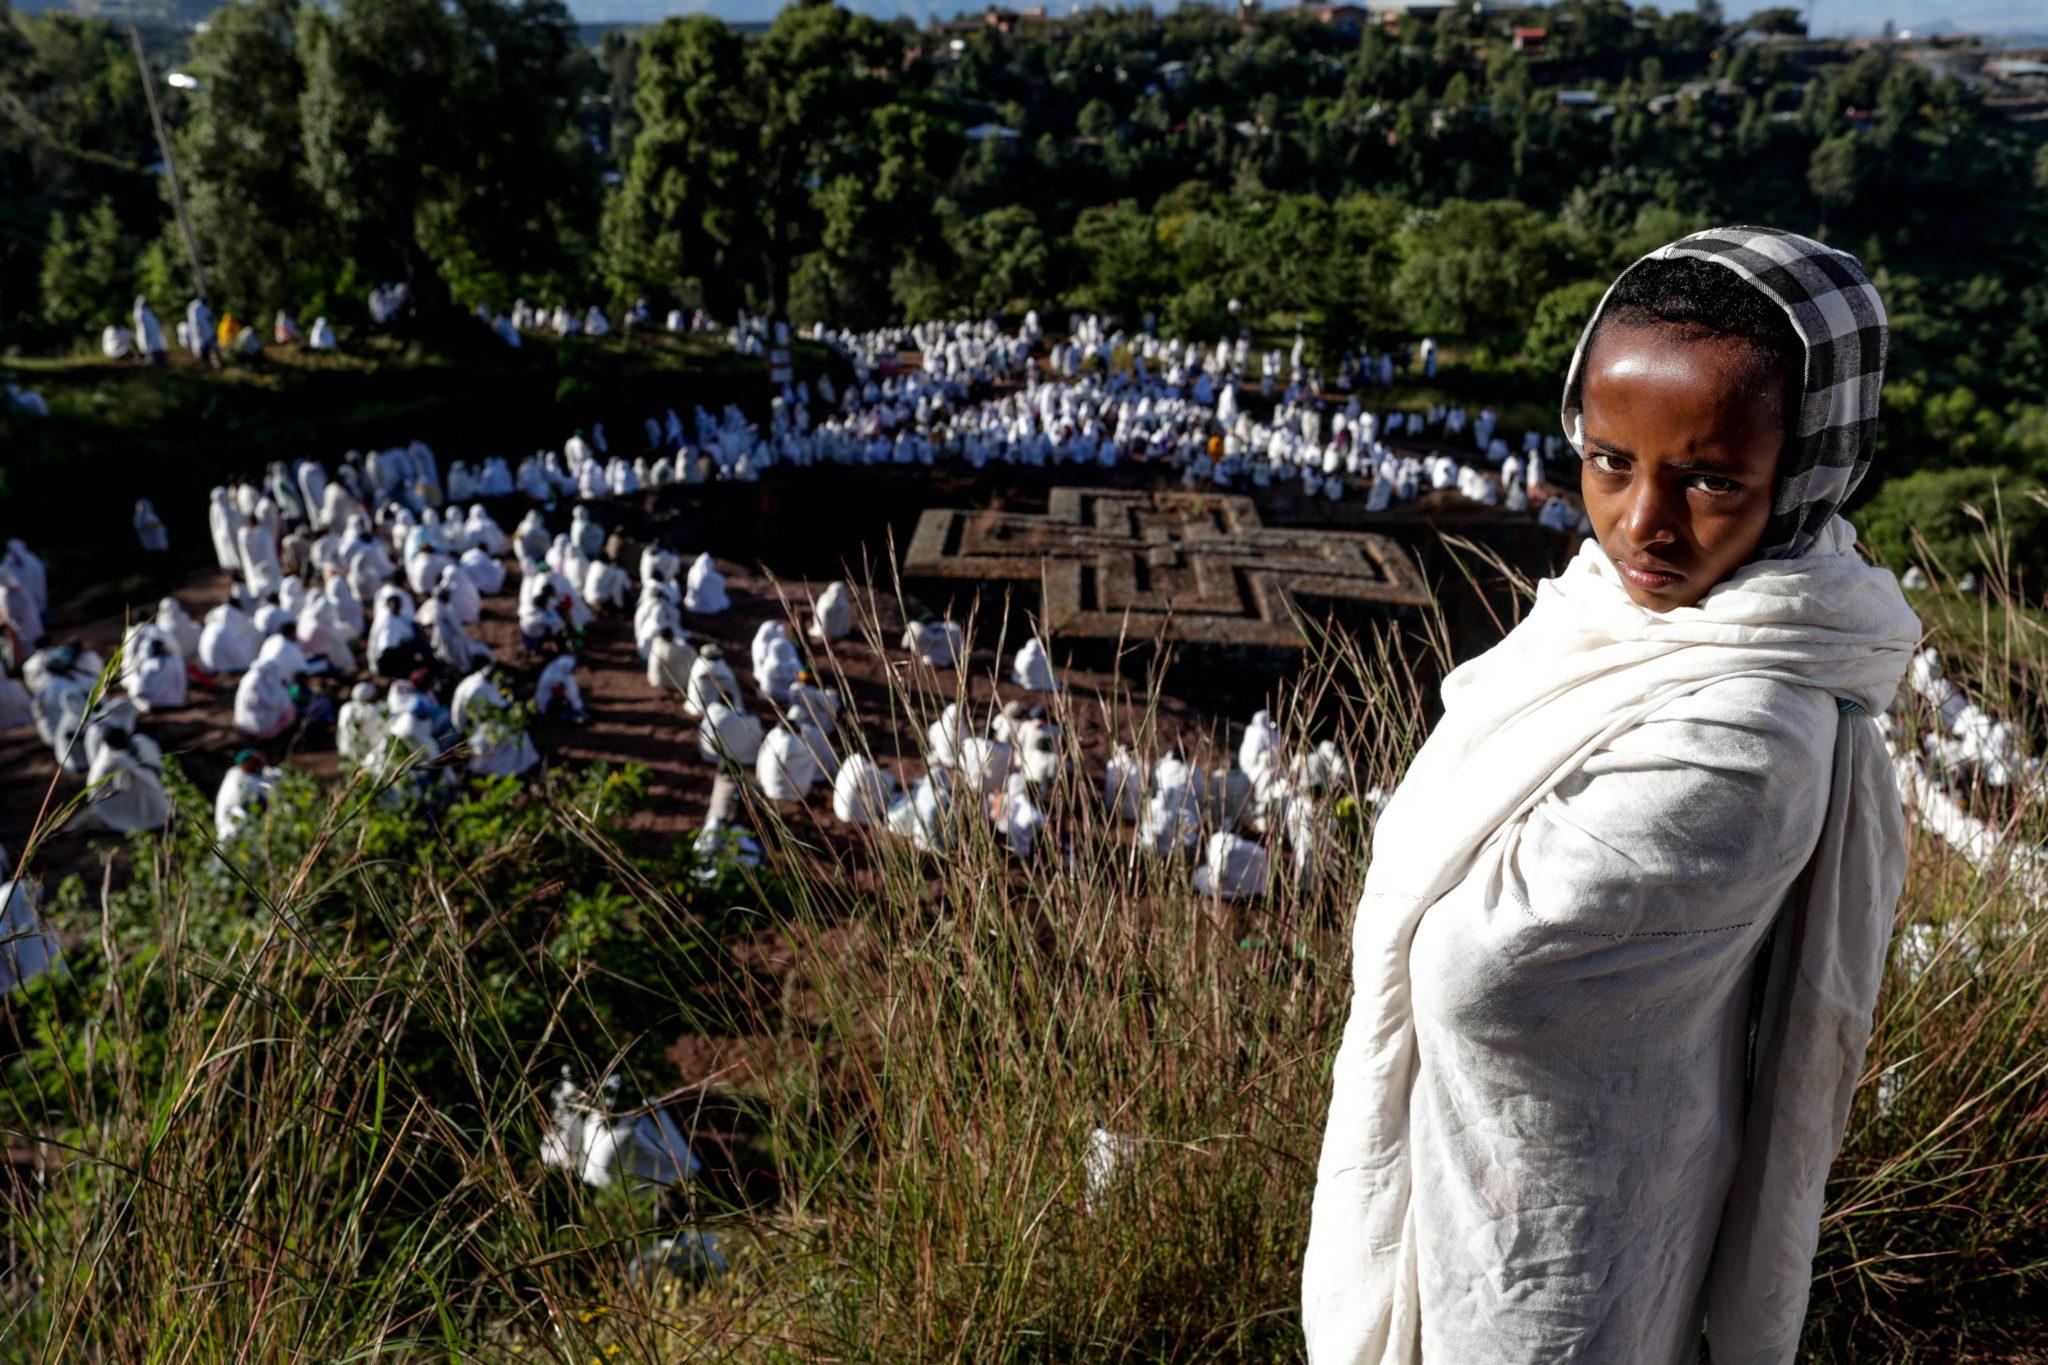 Młoda pielgrzymka z Etiopii w pobliżu kościoła Świętego Jerzego podczas festiwalu Świętego Jerzego w Lalibela. Miejsce to jest zarejestrowane przez UNESCO jako dziedzictwo kulturowe ludzkości (od 1978r), fot. STEPHANIE LECOCQ, PAP/EPA.